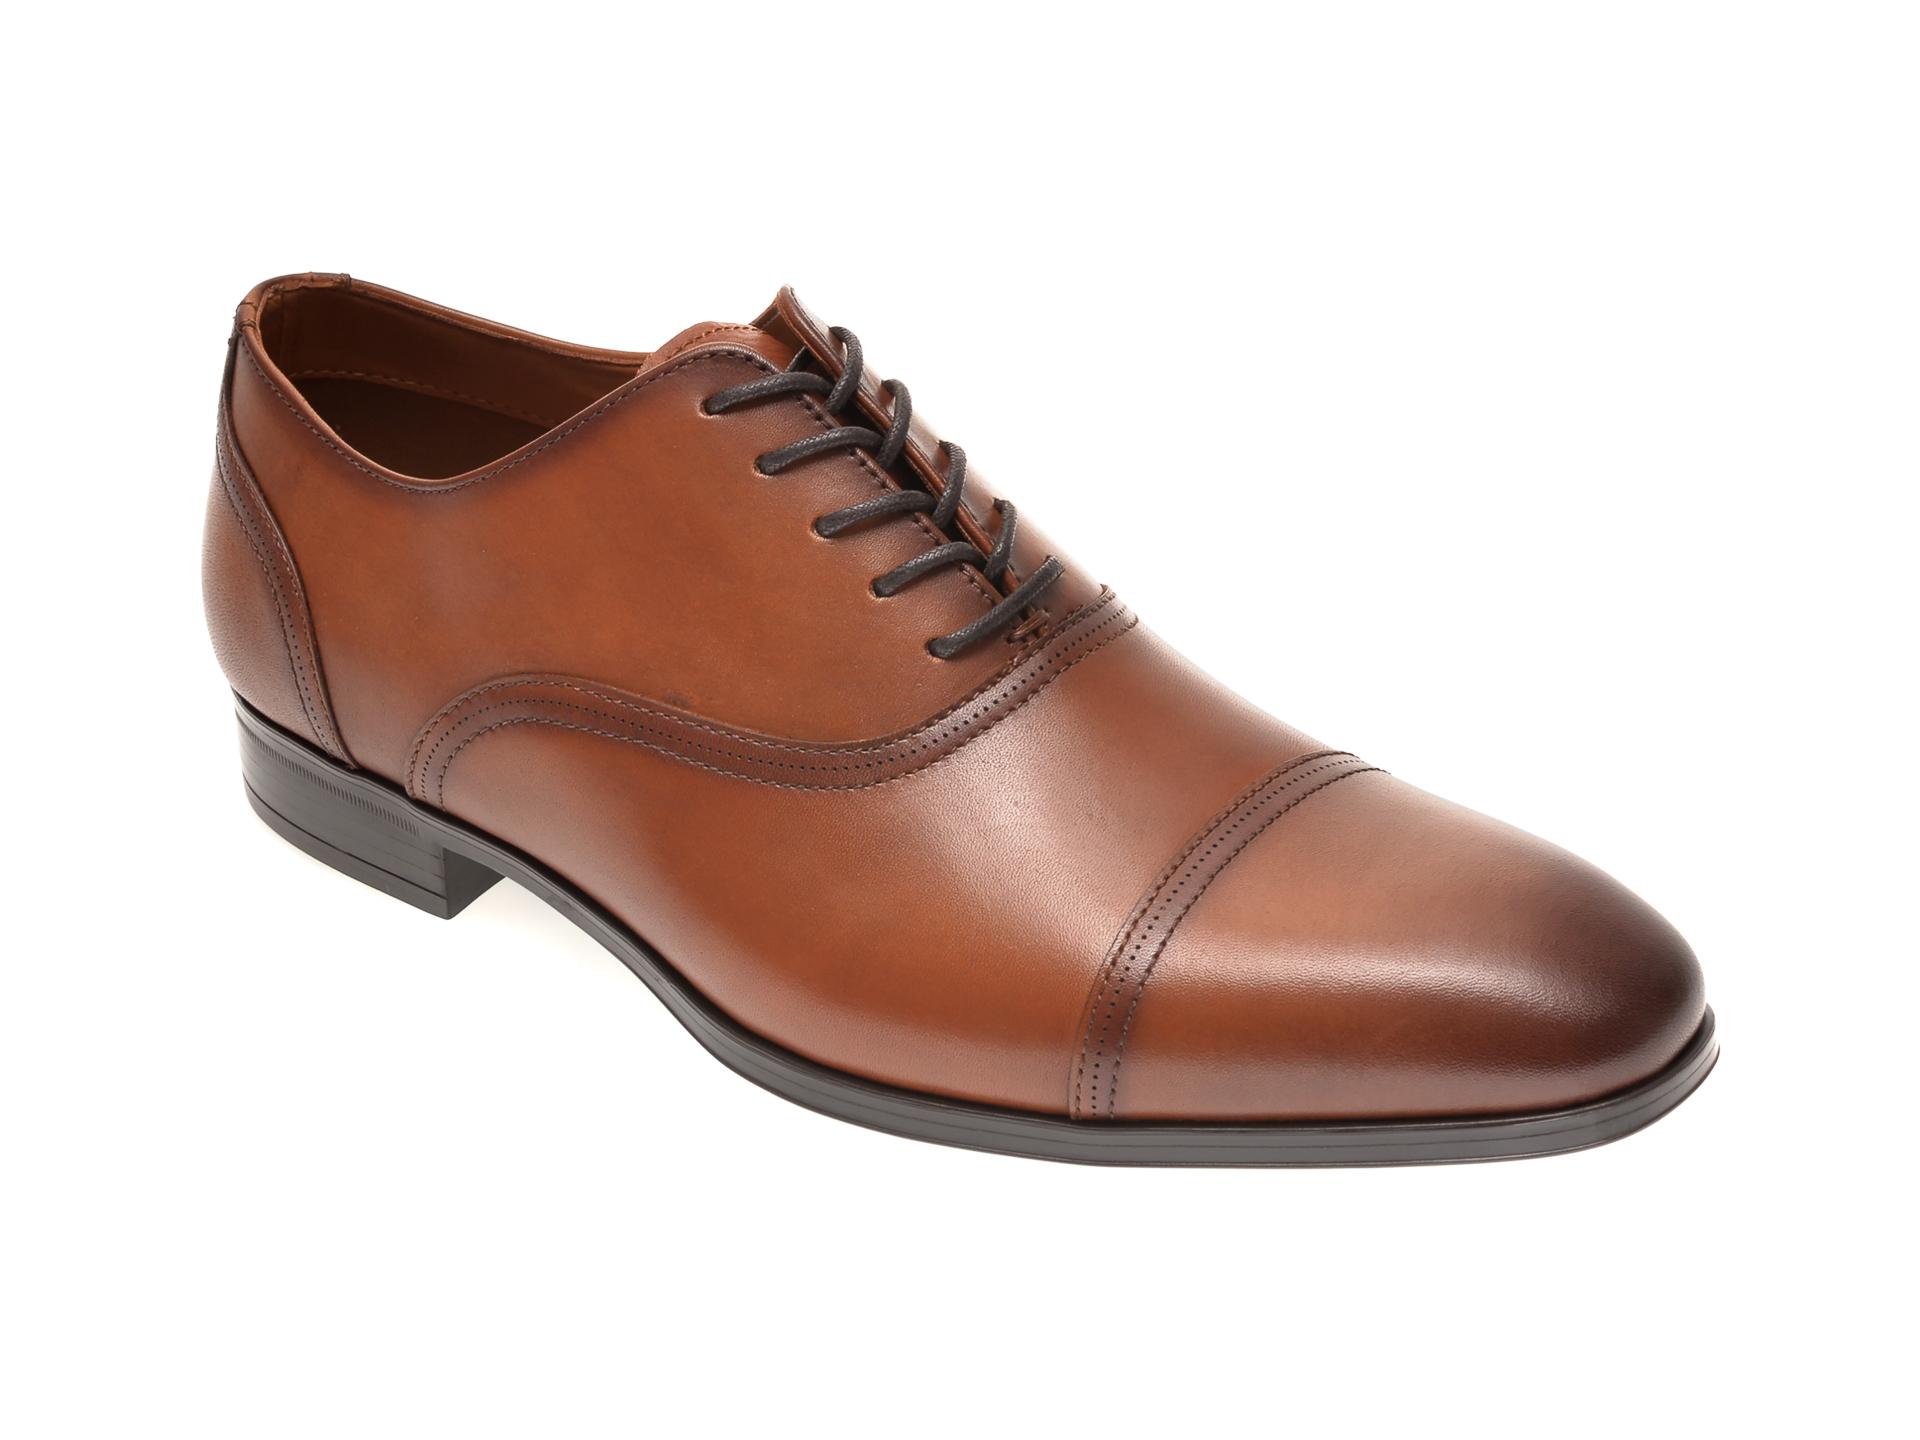 Pantofi ALDO maro, Bongerd220, din piele naturala imagine otter.ro 2021